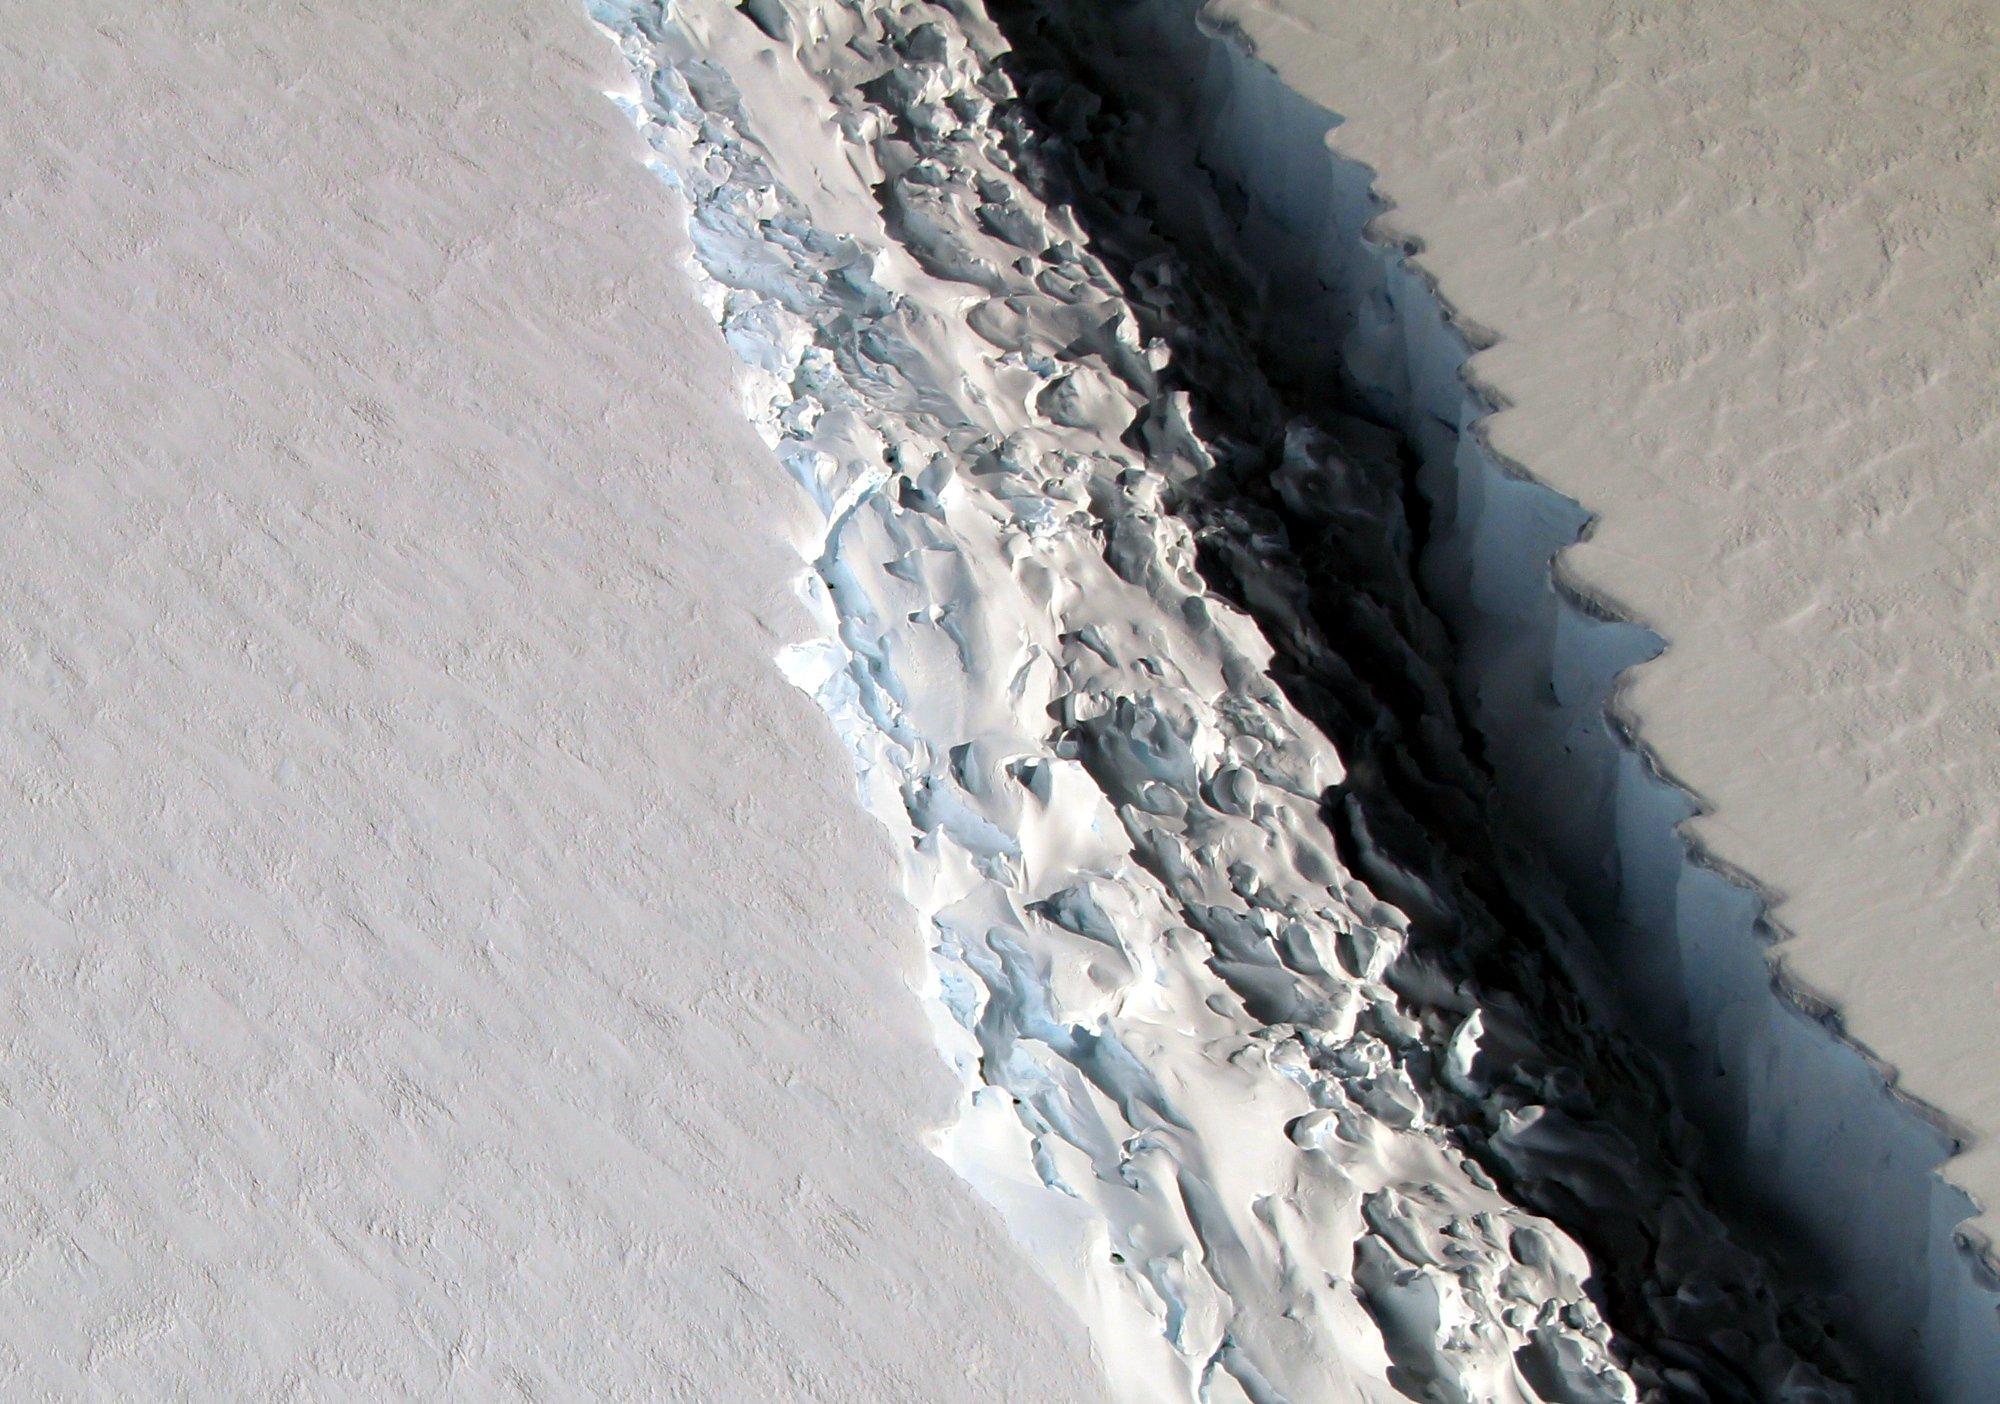 Enlace con la imagen original (NASA)